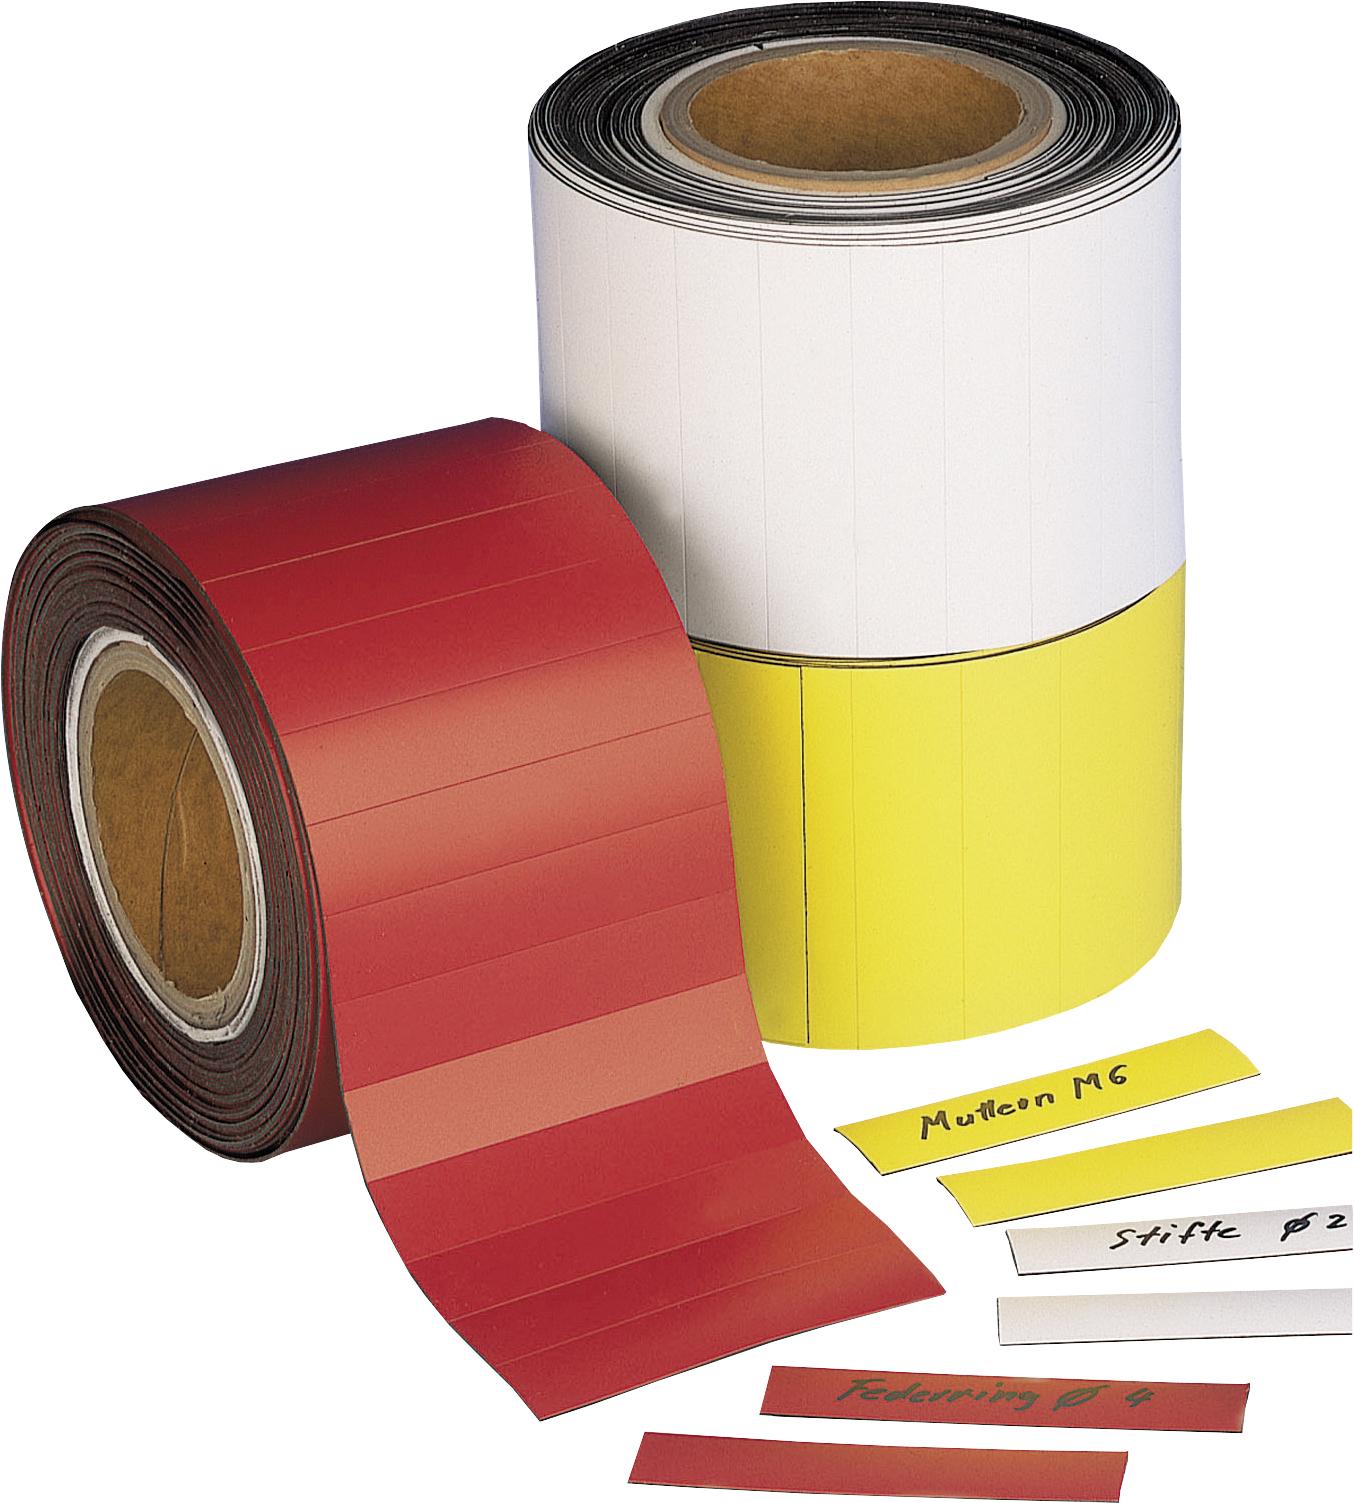 Magnetschilder, 100 x 50 mm, 10 m Rolle, 200 Stück - rot, weiß und gelb sind enthalten